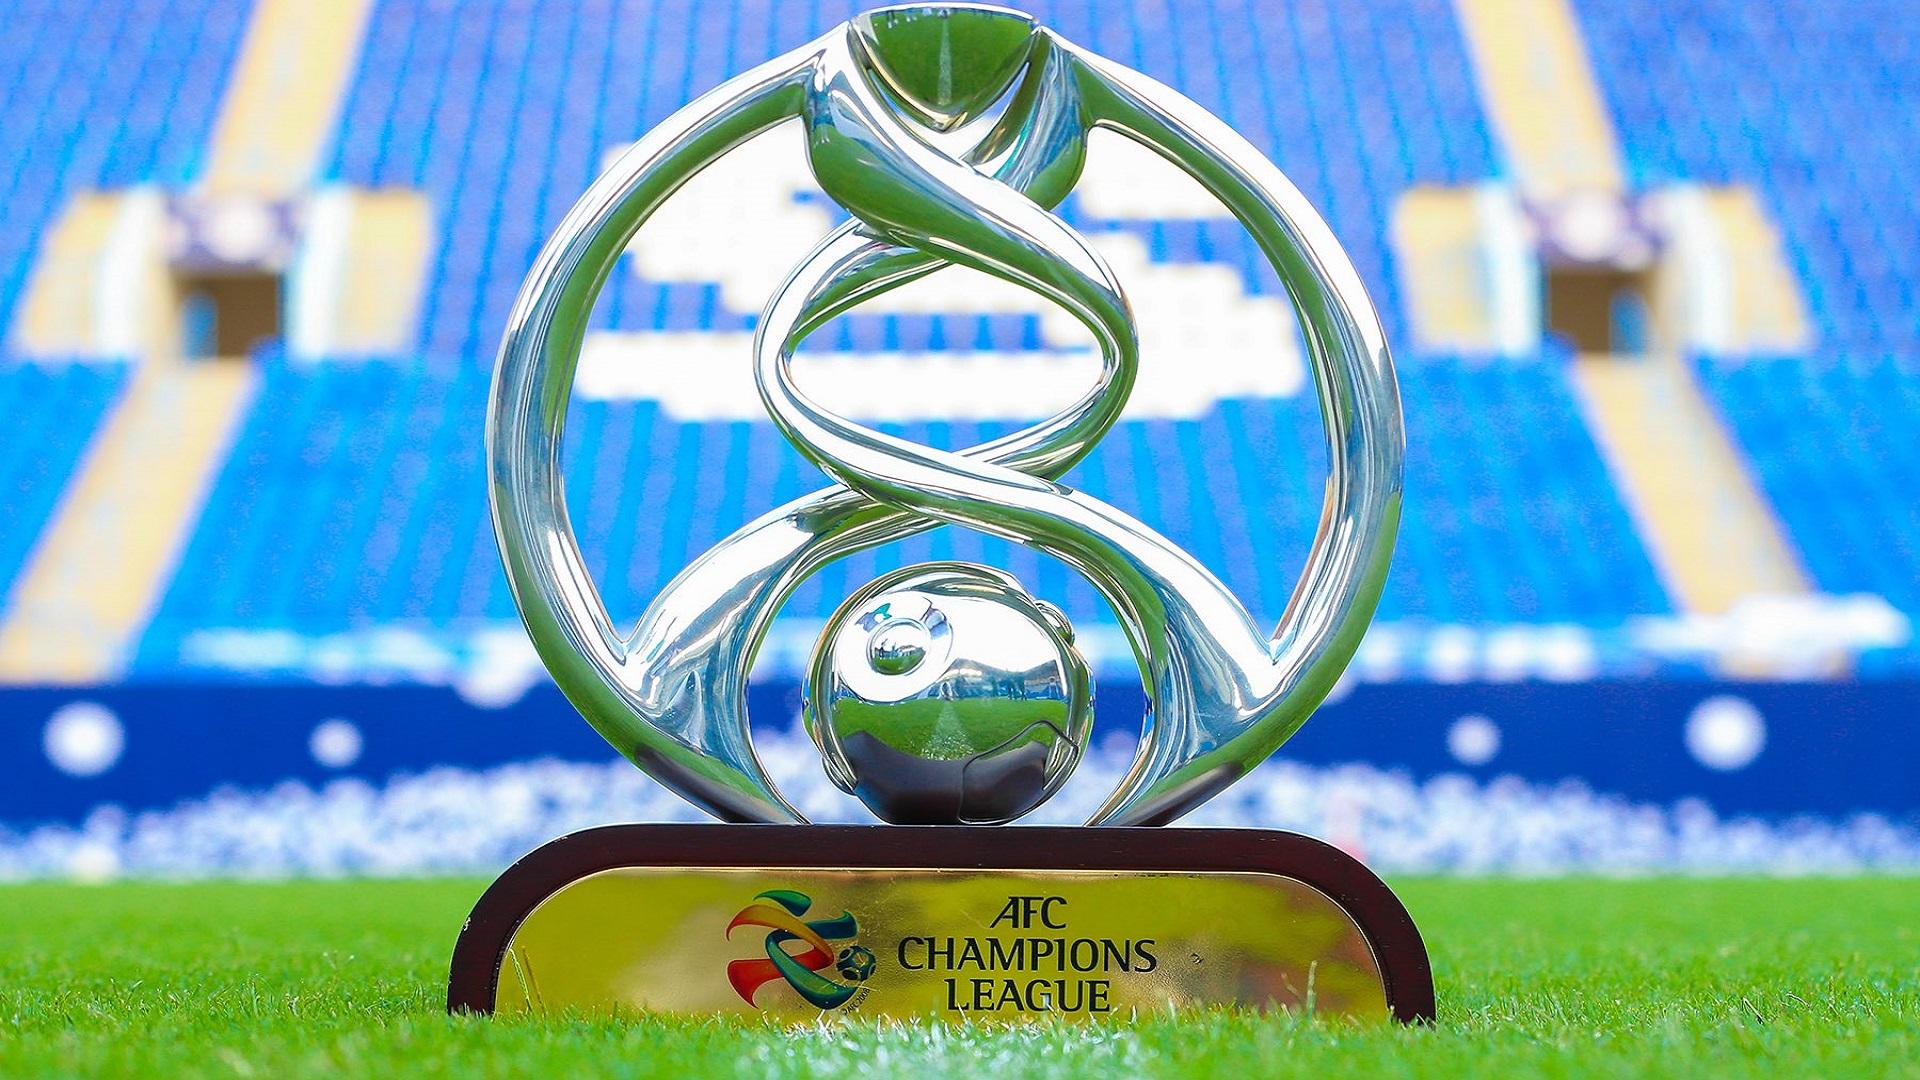 مجموعات دوري أبطال آسيا 2020 مواعيد مباريات الجولة الثالثة